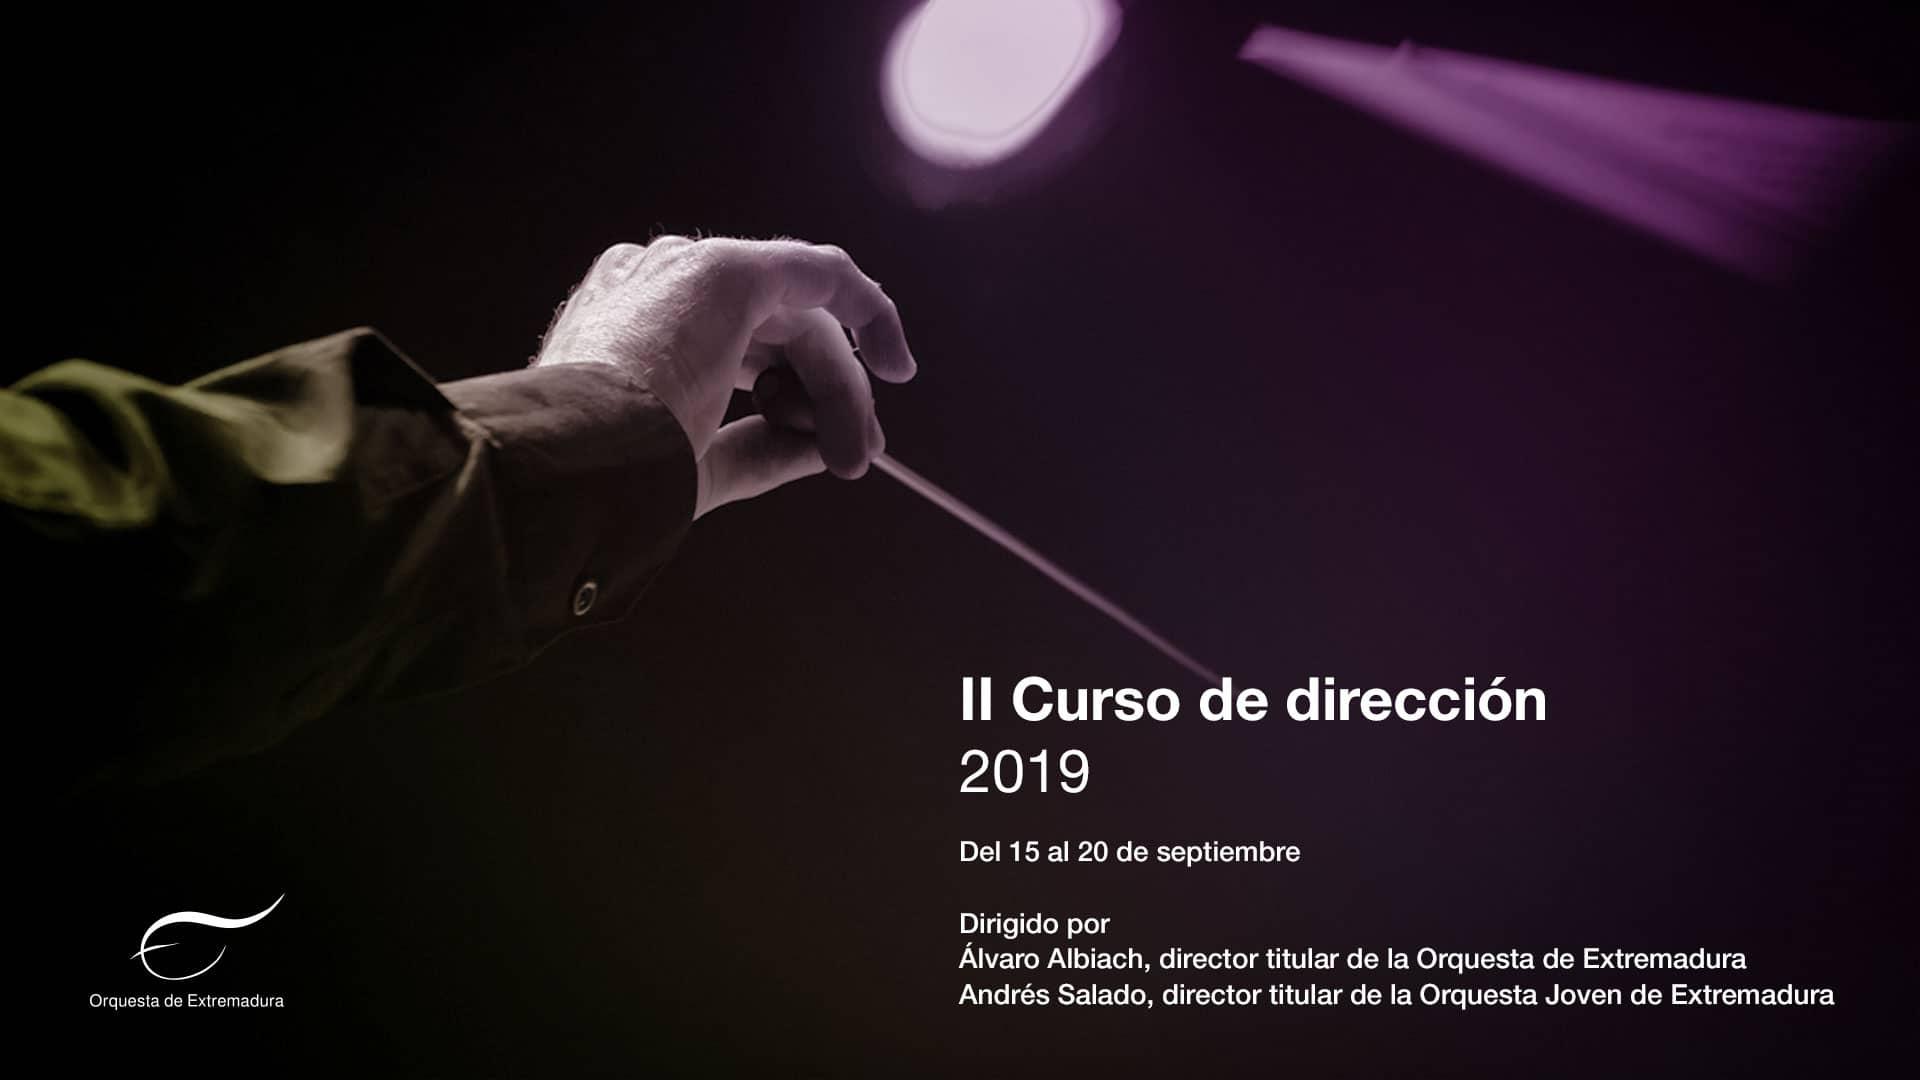 Nuestro curso de dirección, impartido por Álvaro Albiach y Andrés Salado, alcanza la segunda edición